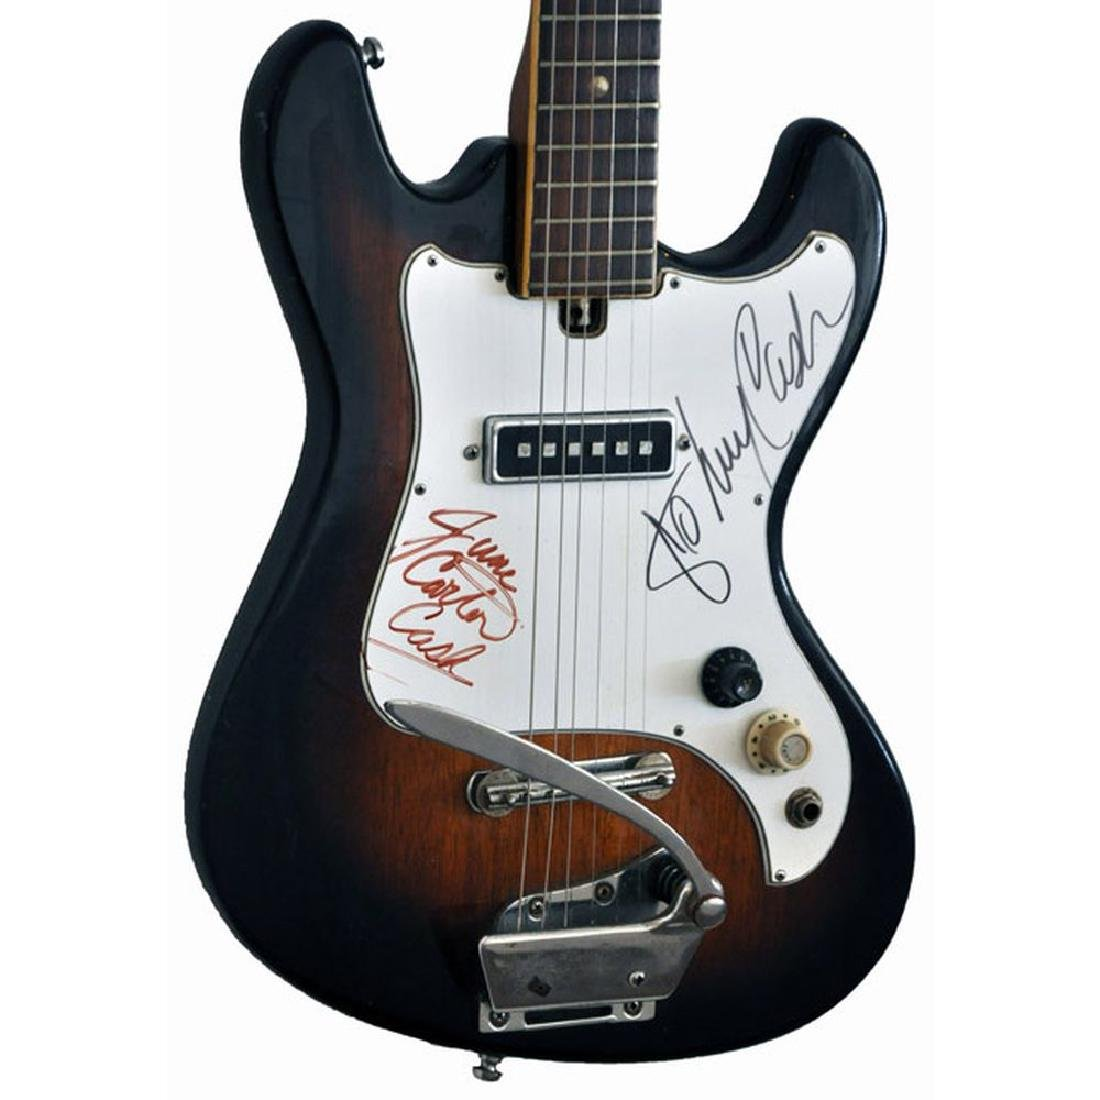 Johnny Cash & June Carter Signed Guitar